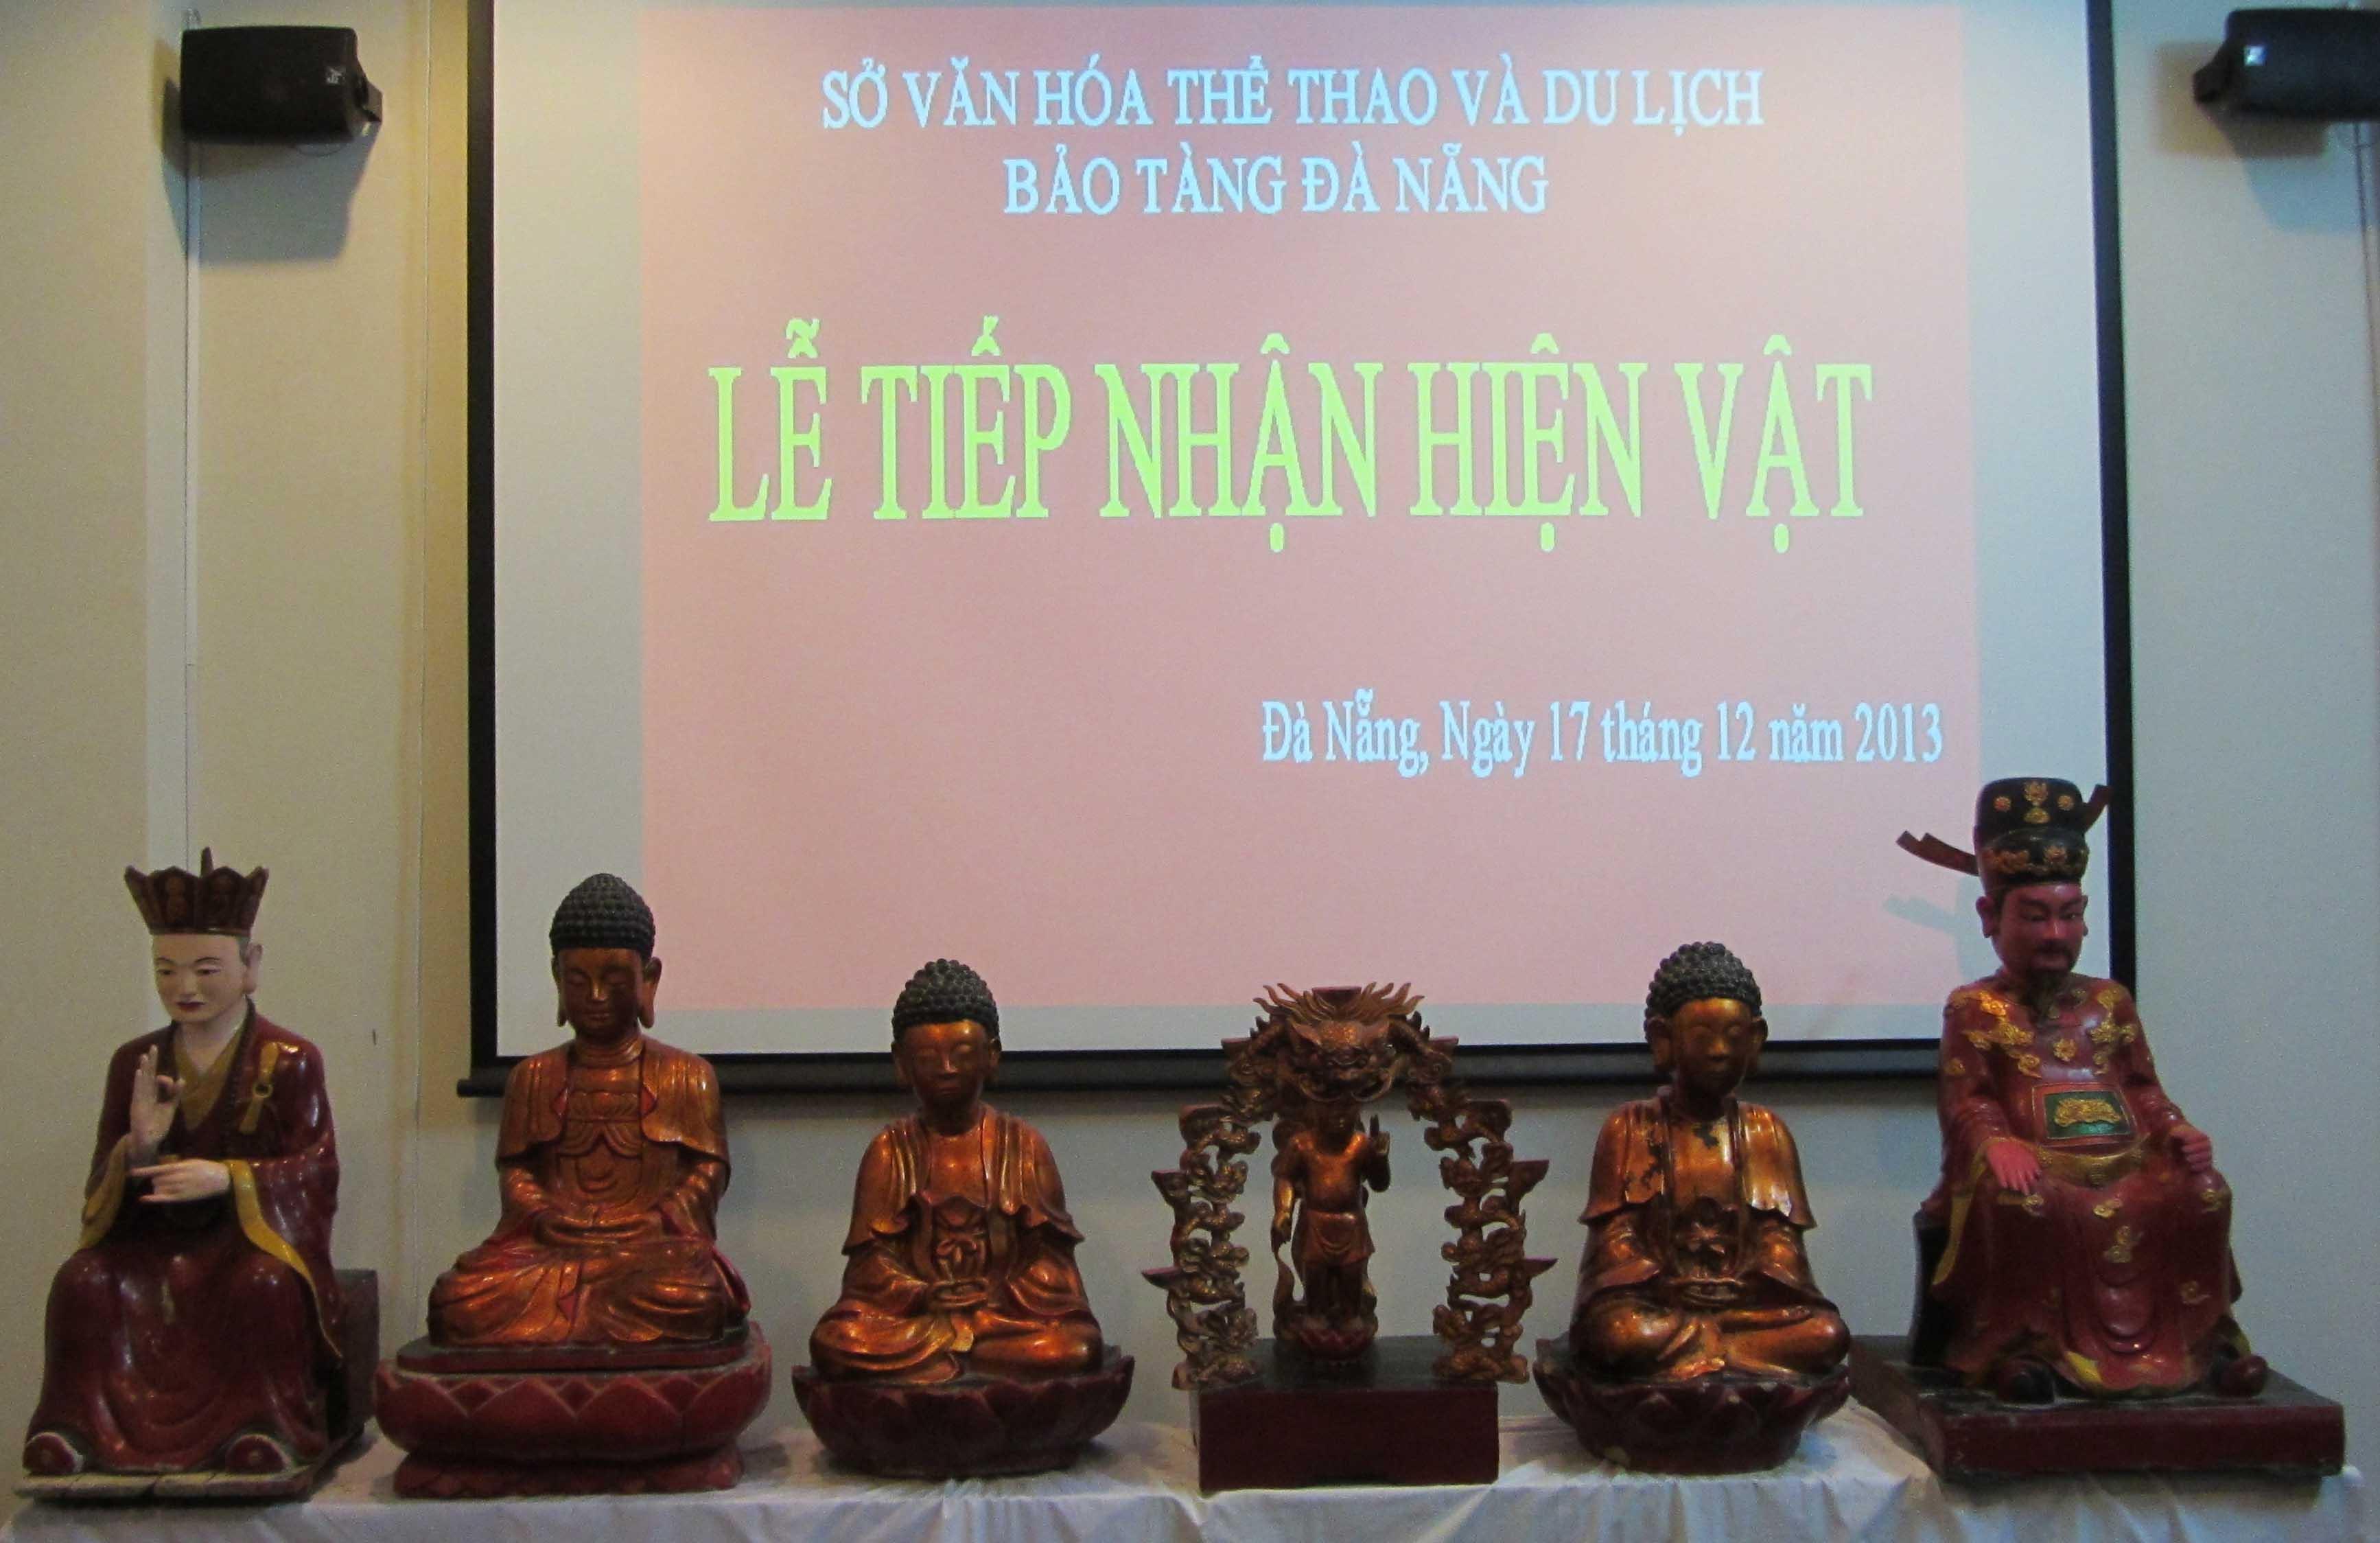 Hiến tặng nhiều hiện vật quý cho Bảo tàng Đà Nẵng 2